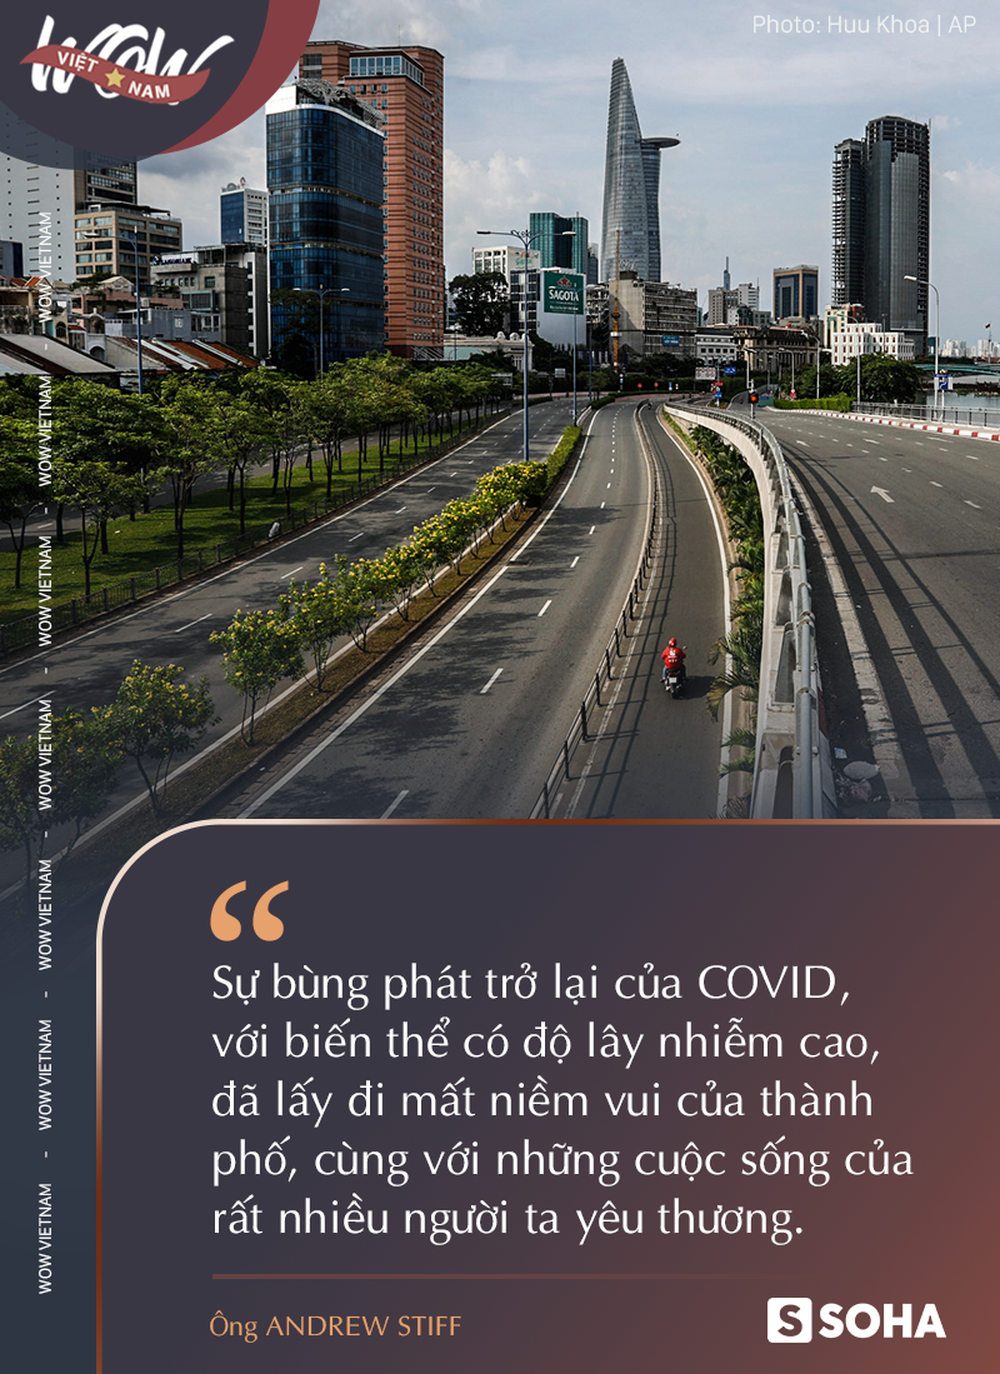 Khi mở cửa trở lại, mùi vị của cuộc sống Sài Gòn thậm chí sẽ còn đặc biệt hơn nữa - Ảnh 1.